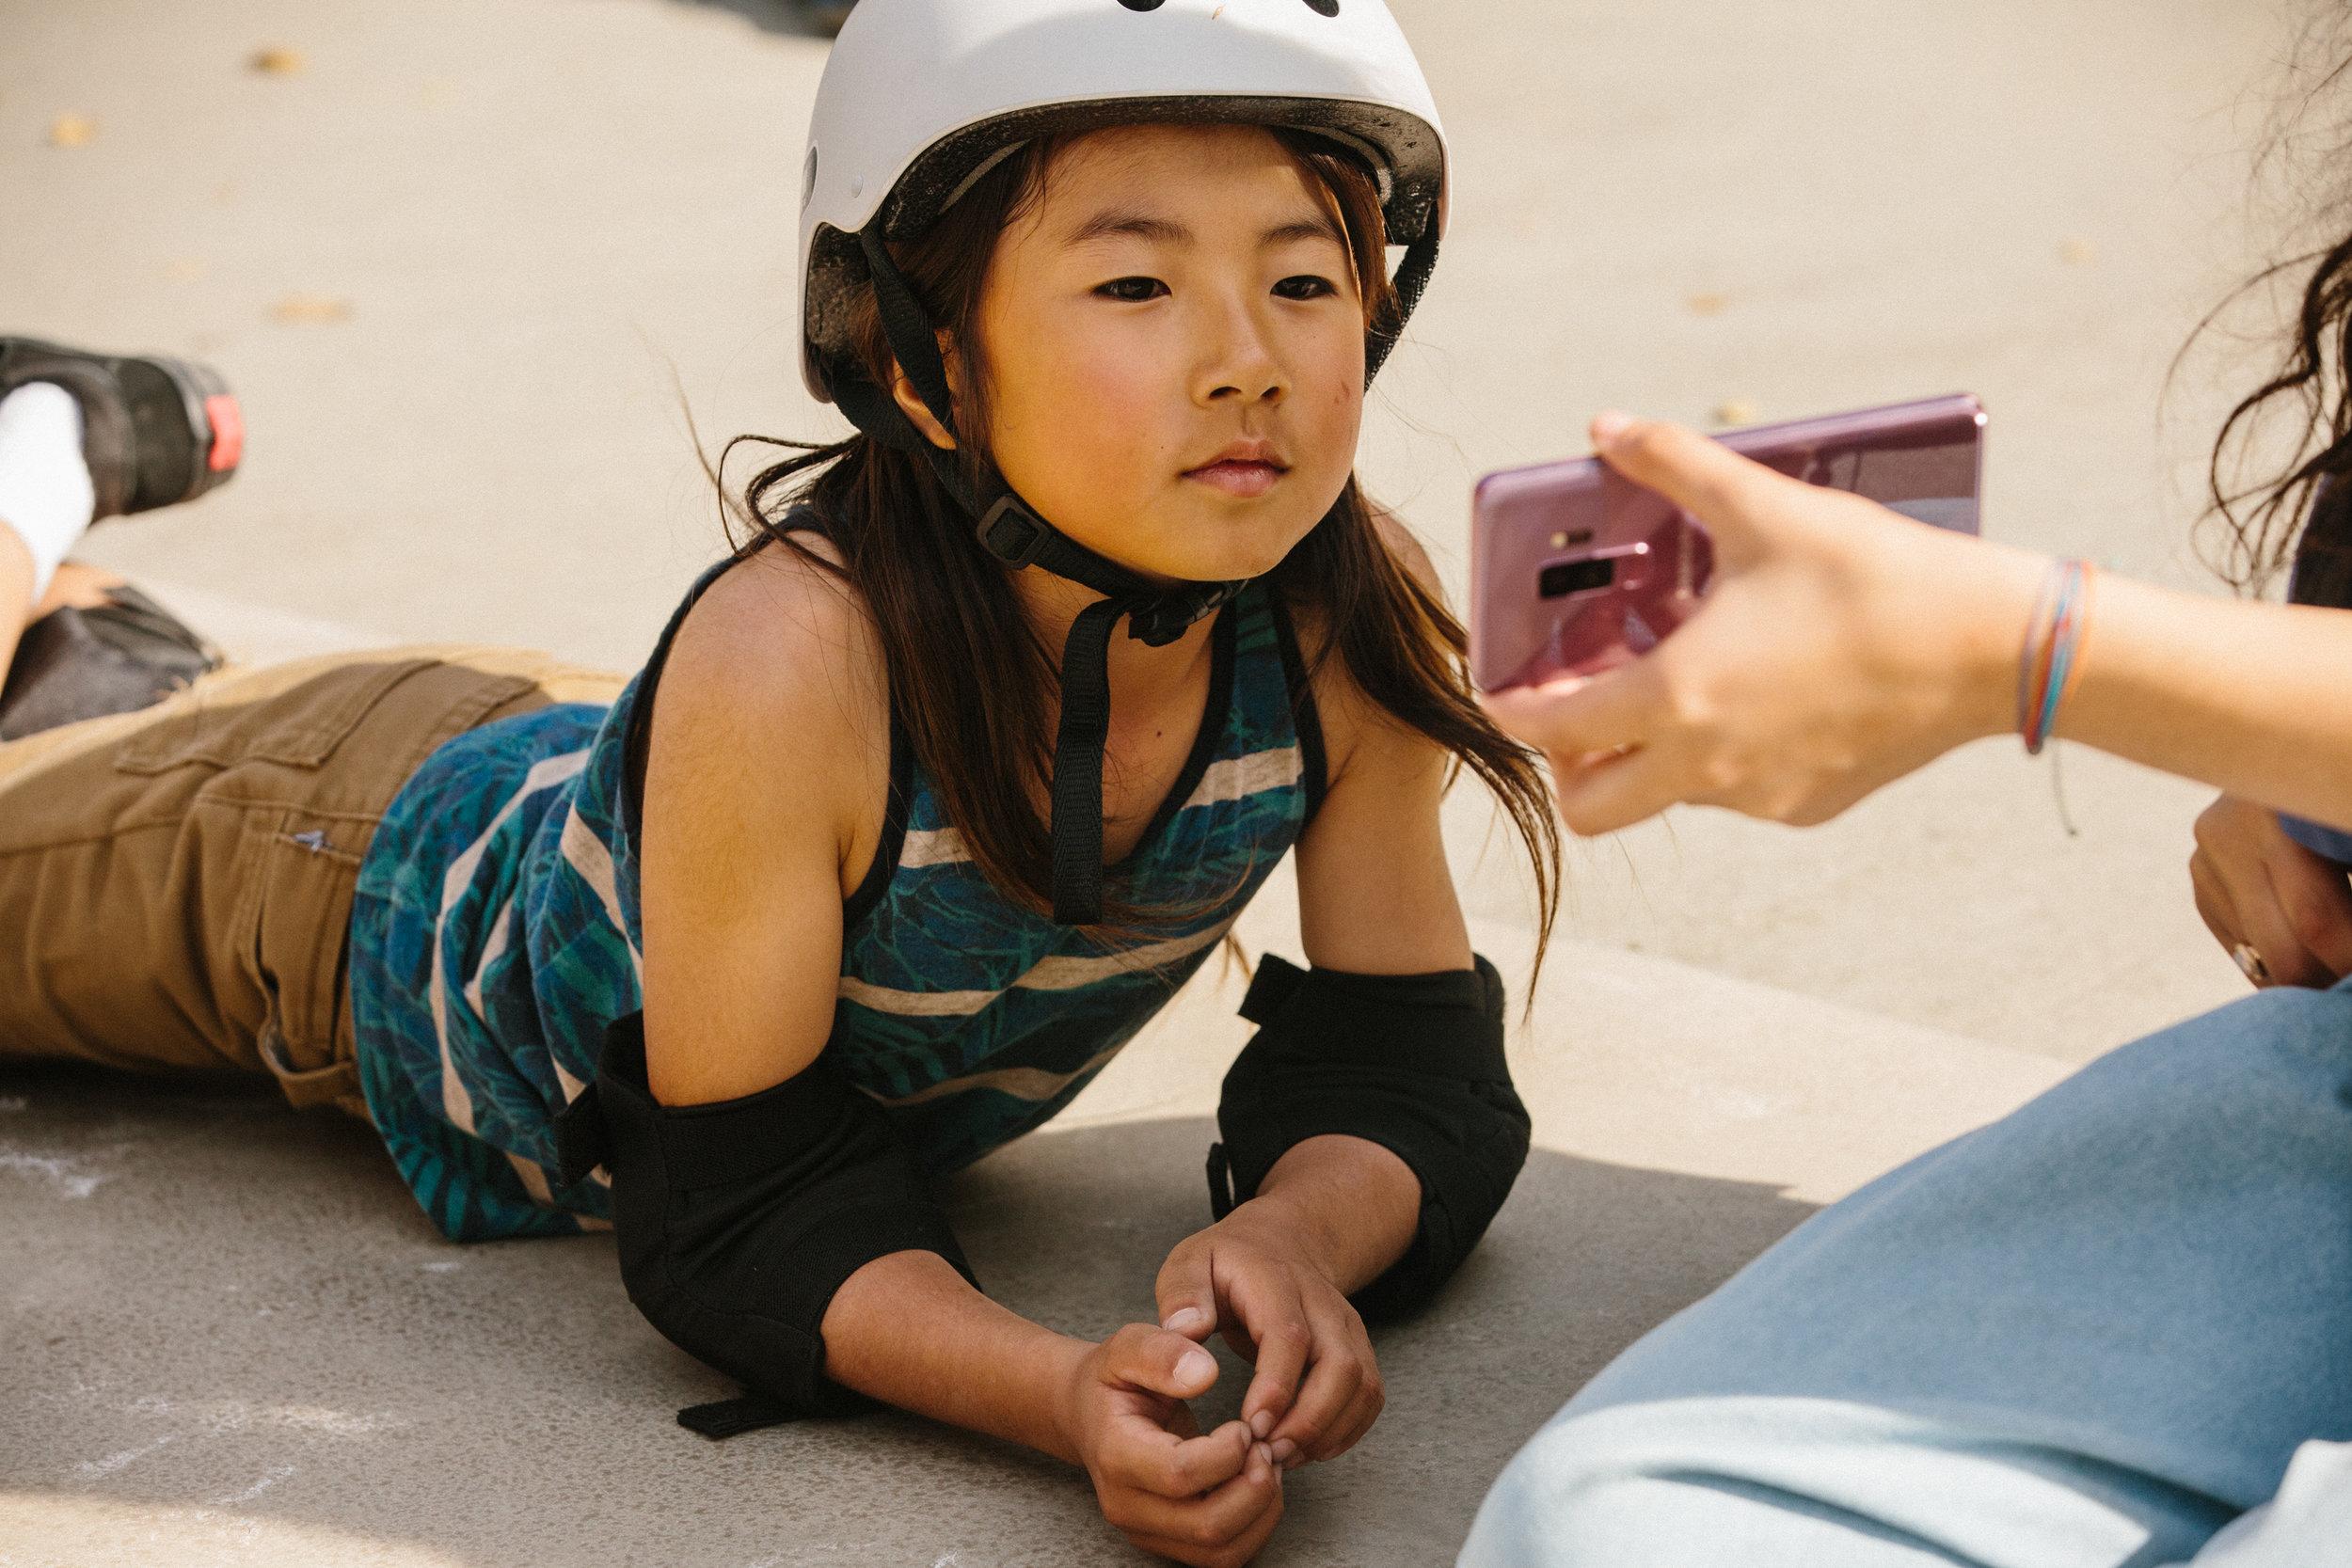 Samsung-Shred-Stephanie-Noritz-Day1-0463.jpg